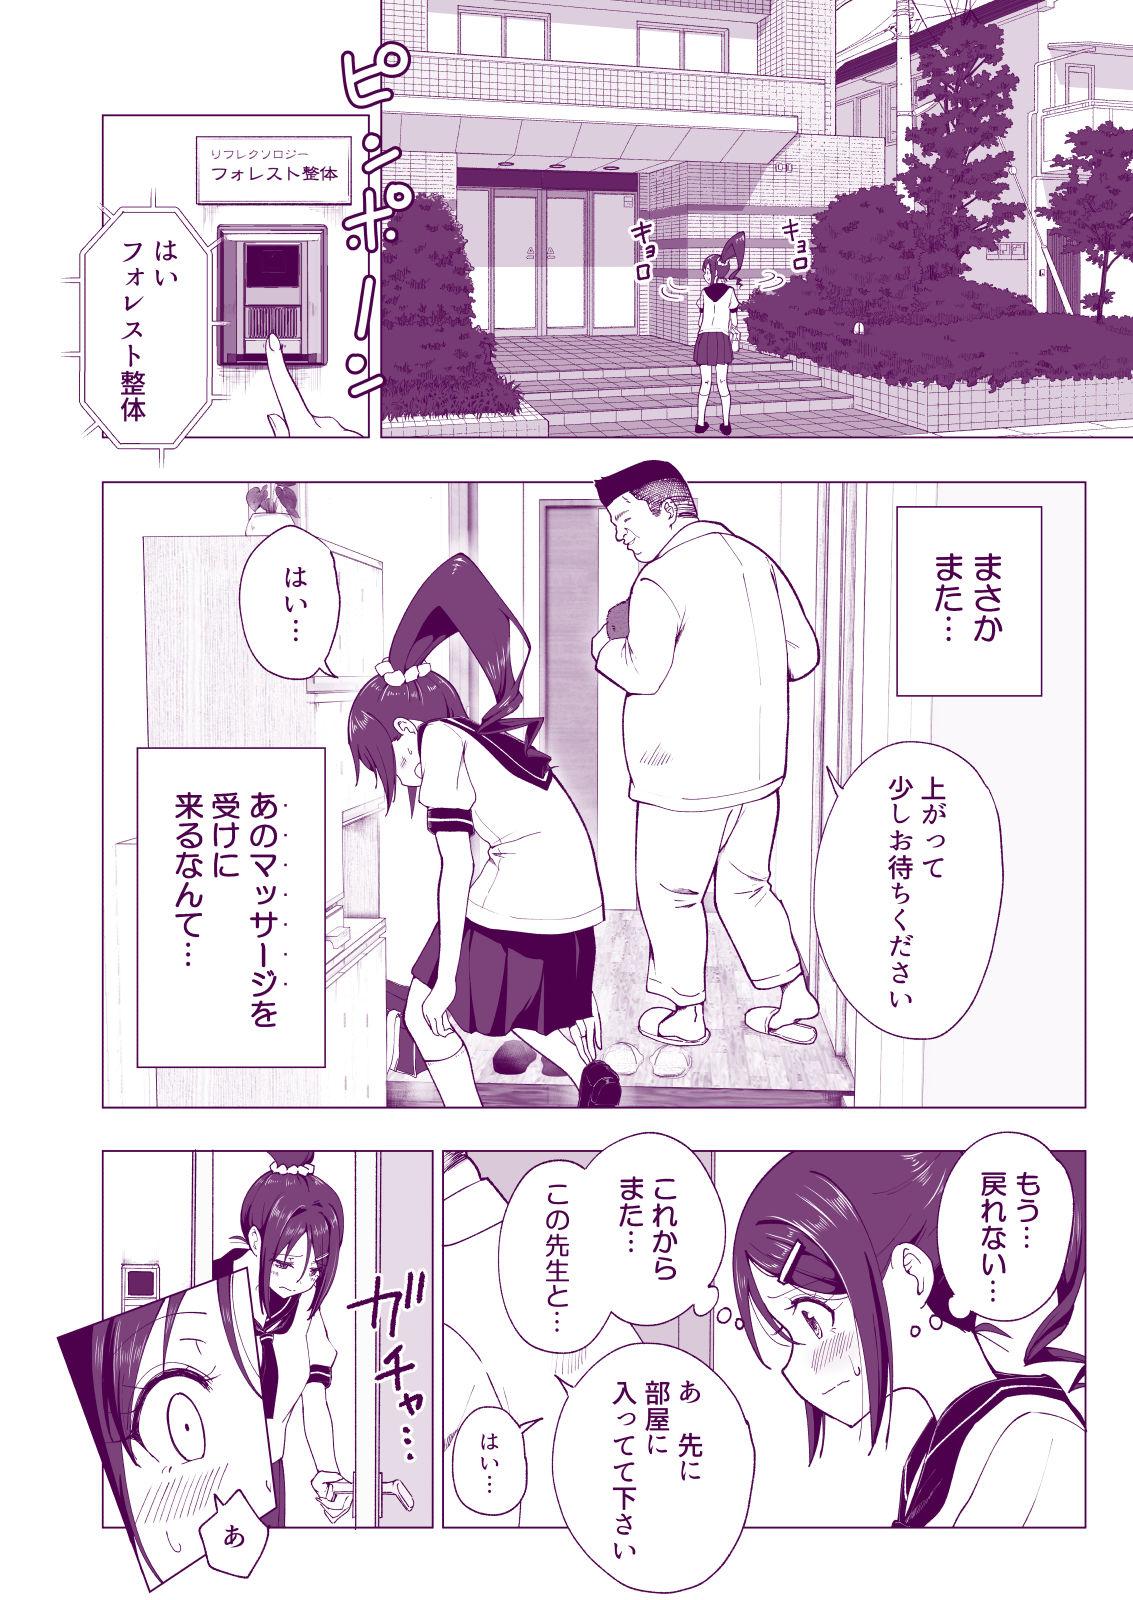 【エロ漫画無料大全集】性感マッサージにハマってしまったバレー部女子の運命が…